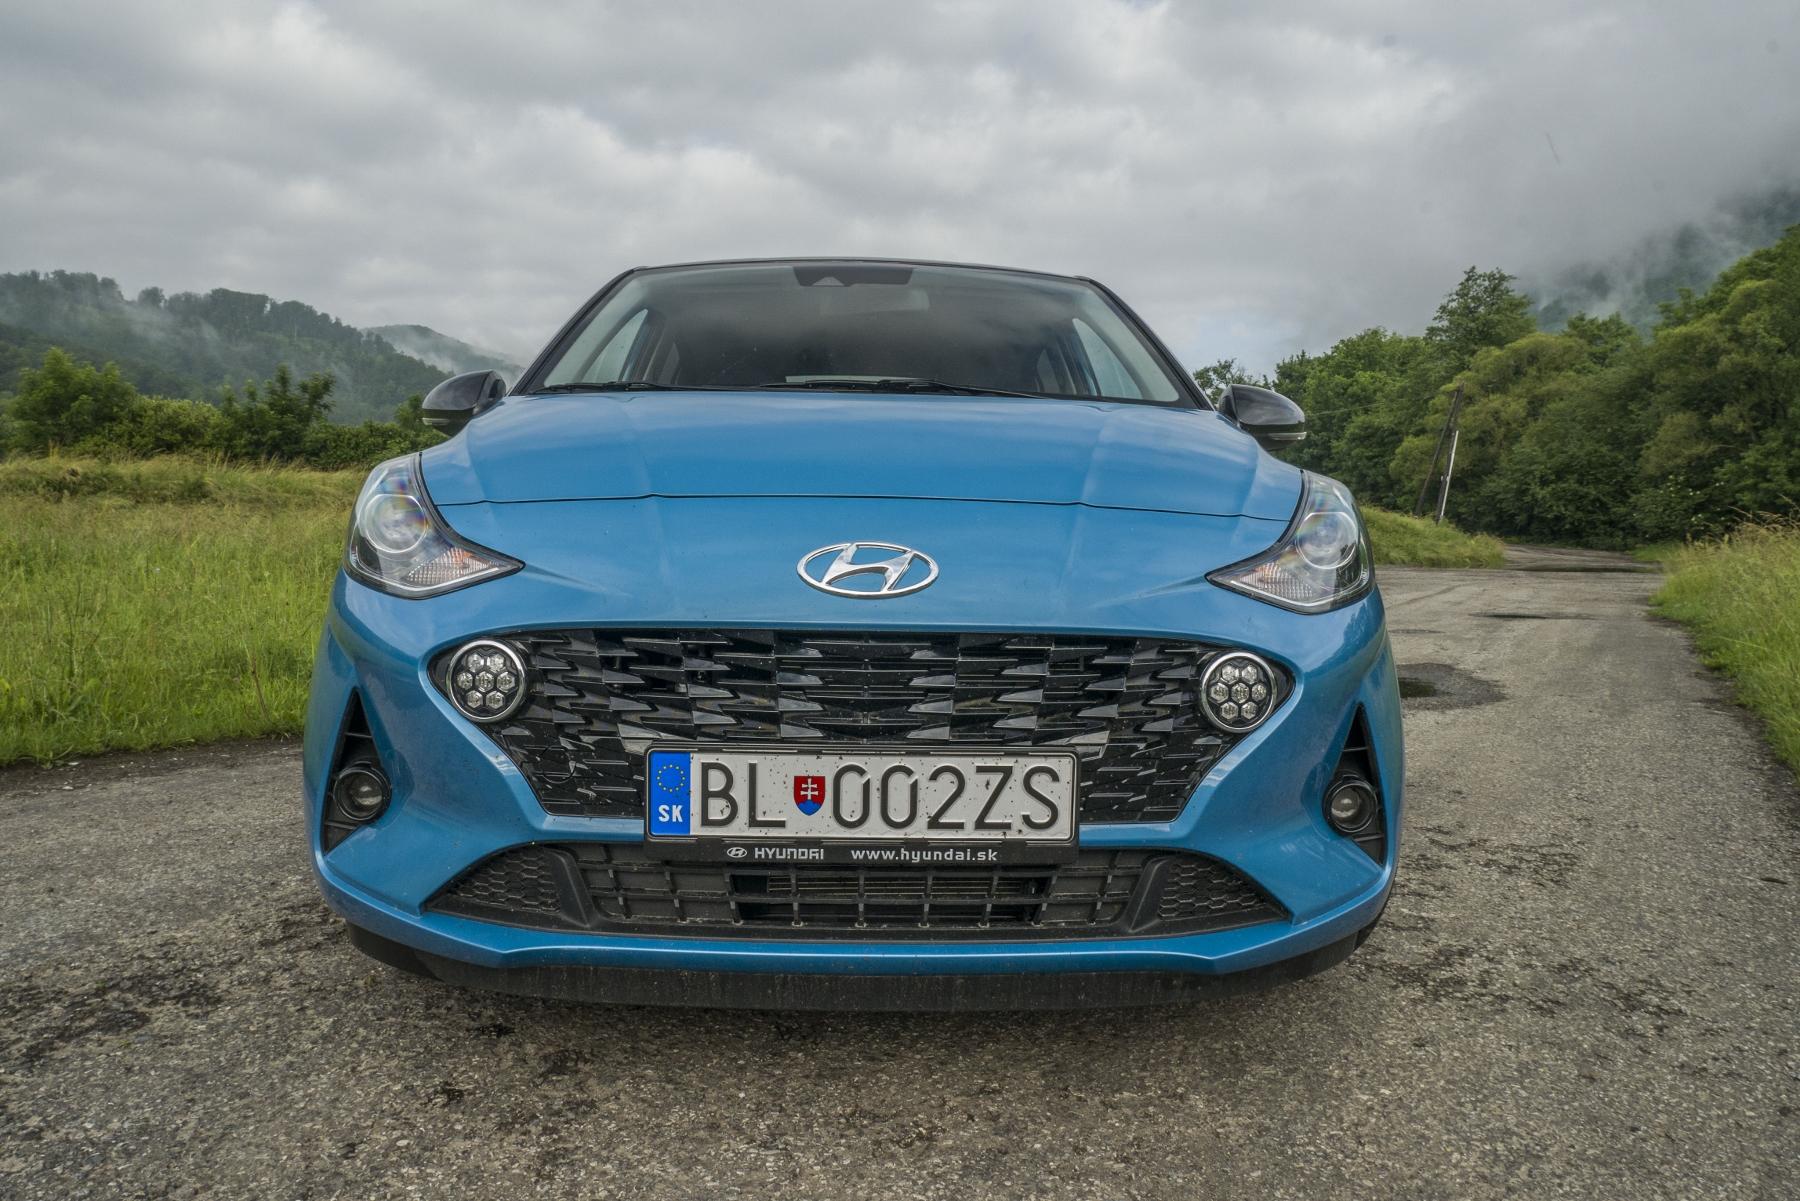 Test: Hyundai i10 je zameraný do mesta. Zo škatuľky vytŕča podvozkom YAchf4nWtg hyundai-i10-6